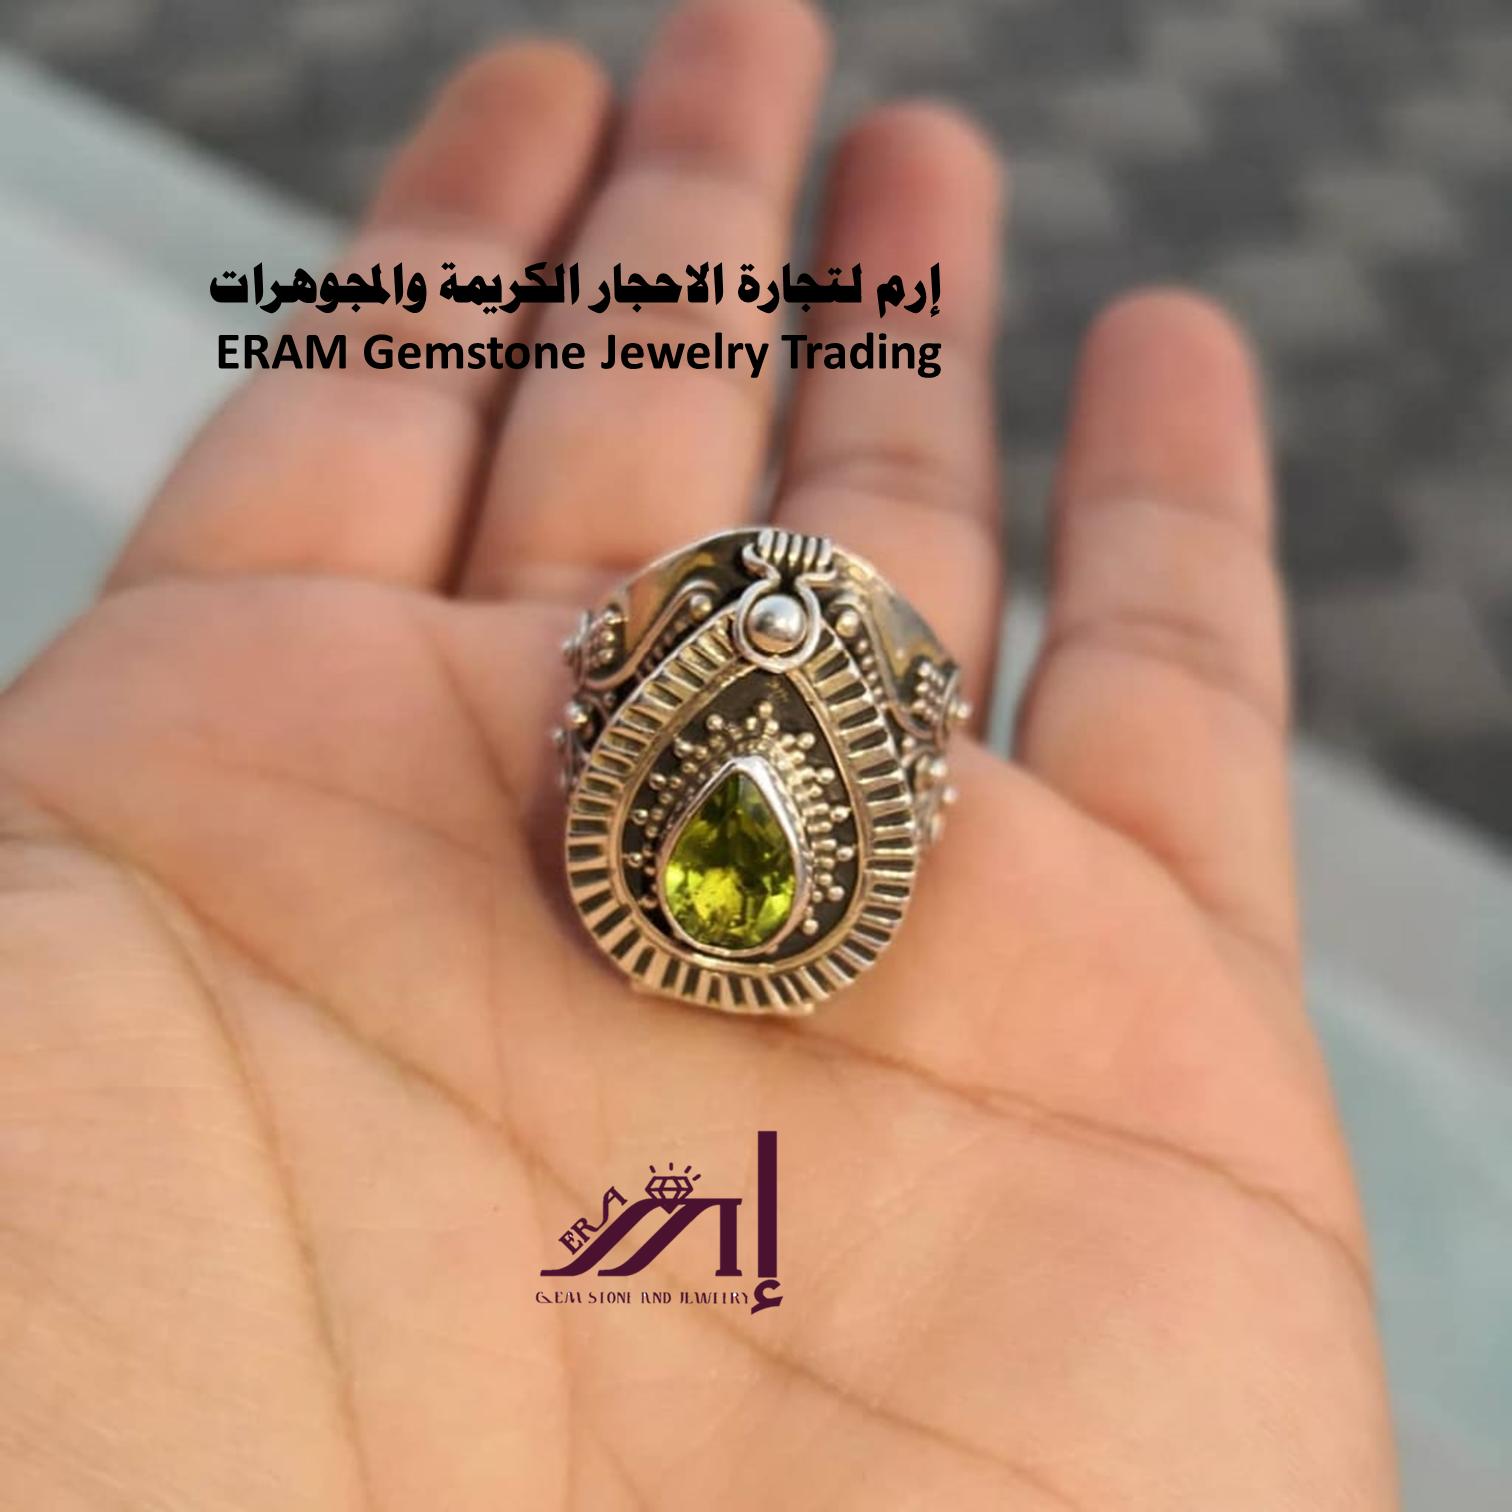 تألقي بجمالك بارتداء خاتم نسائي ناعم زبرجد طبيعي 100 Periodot Gemstone Jewelry Gemstones Jewelry